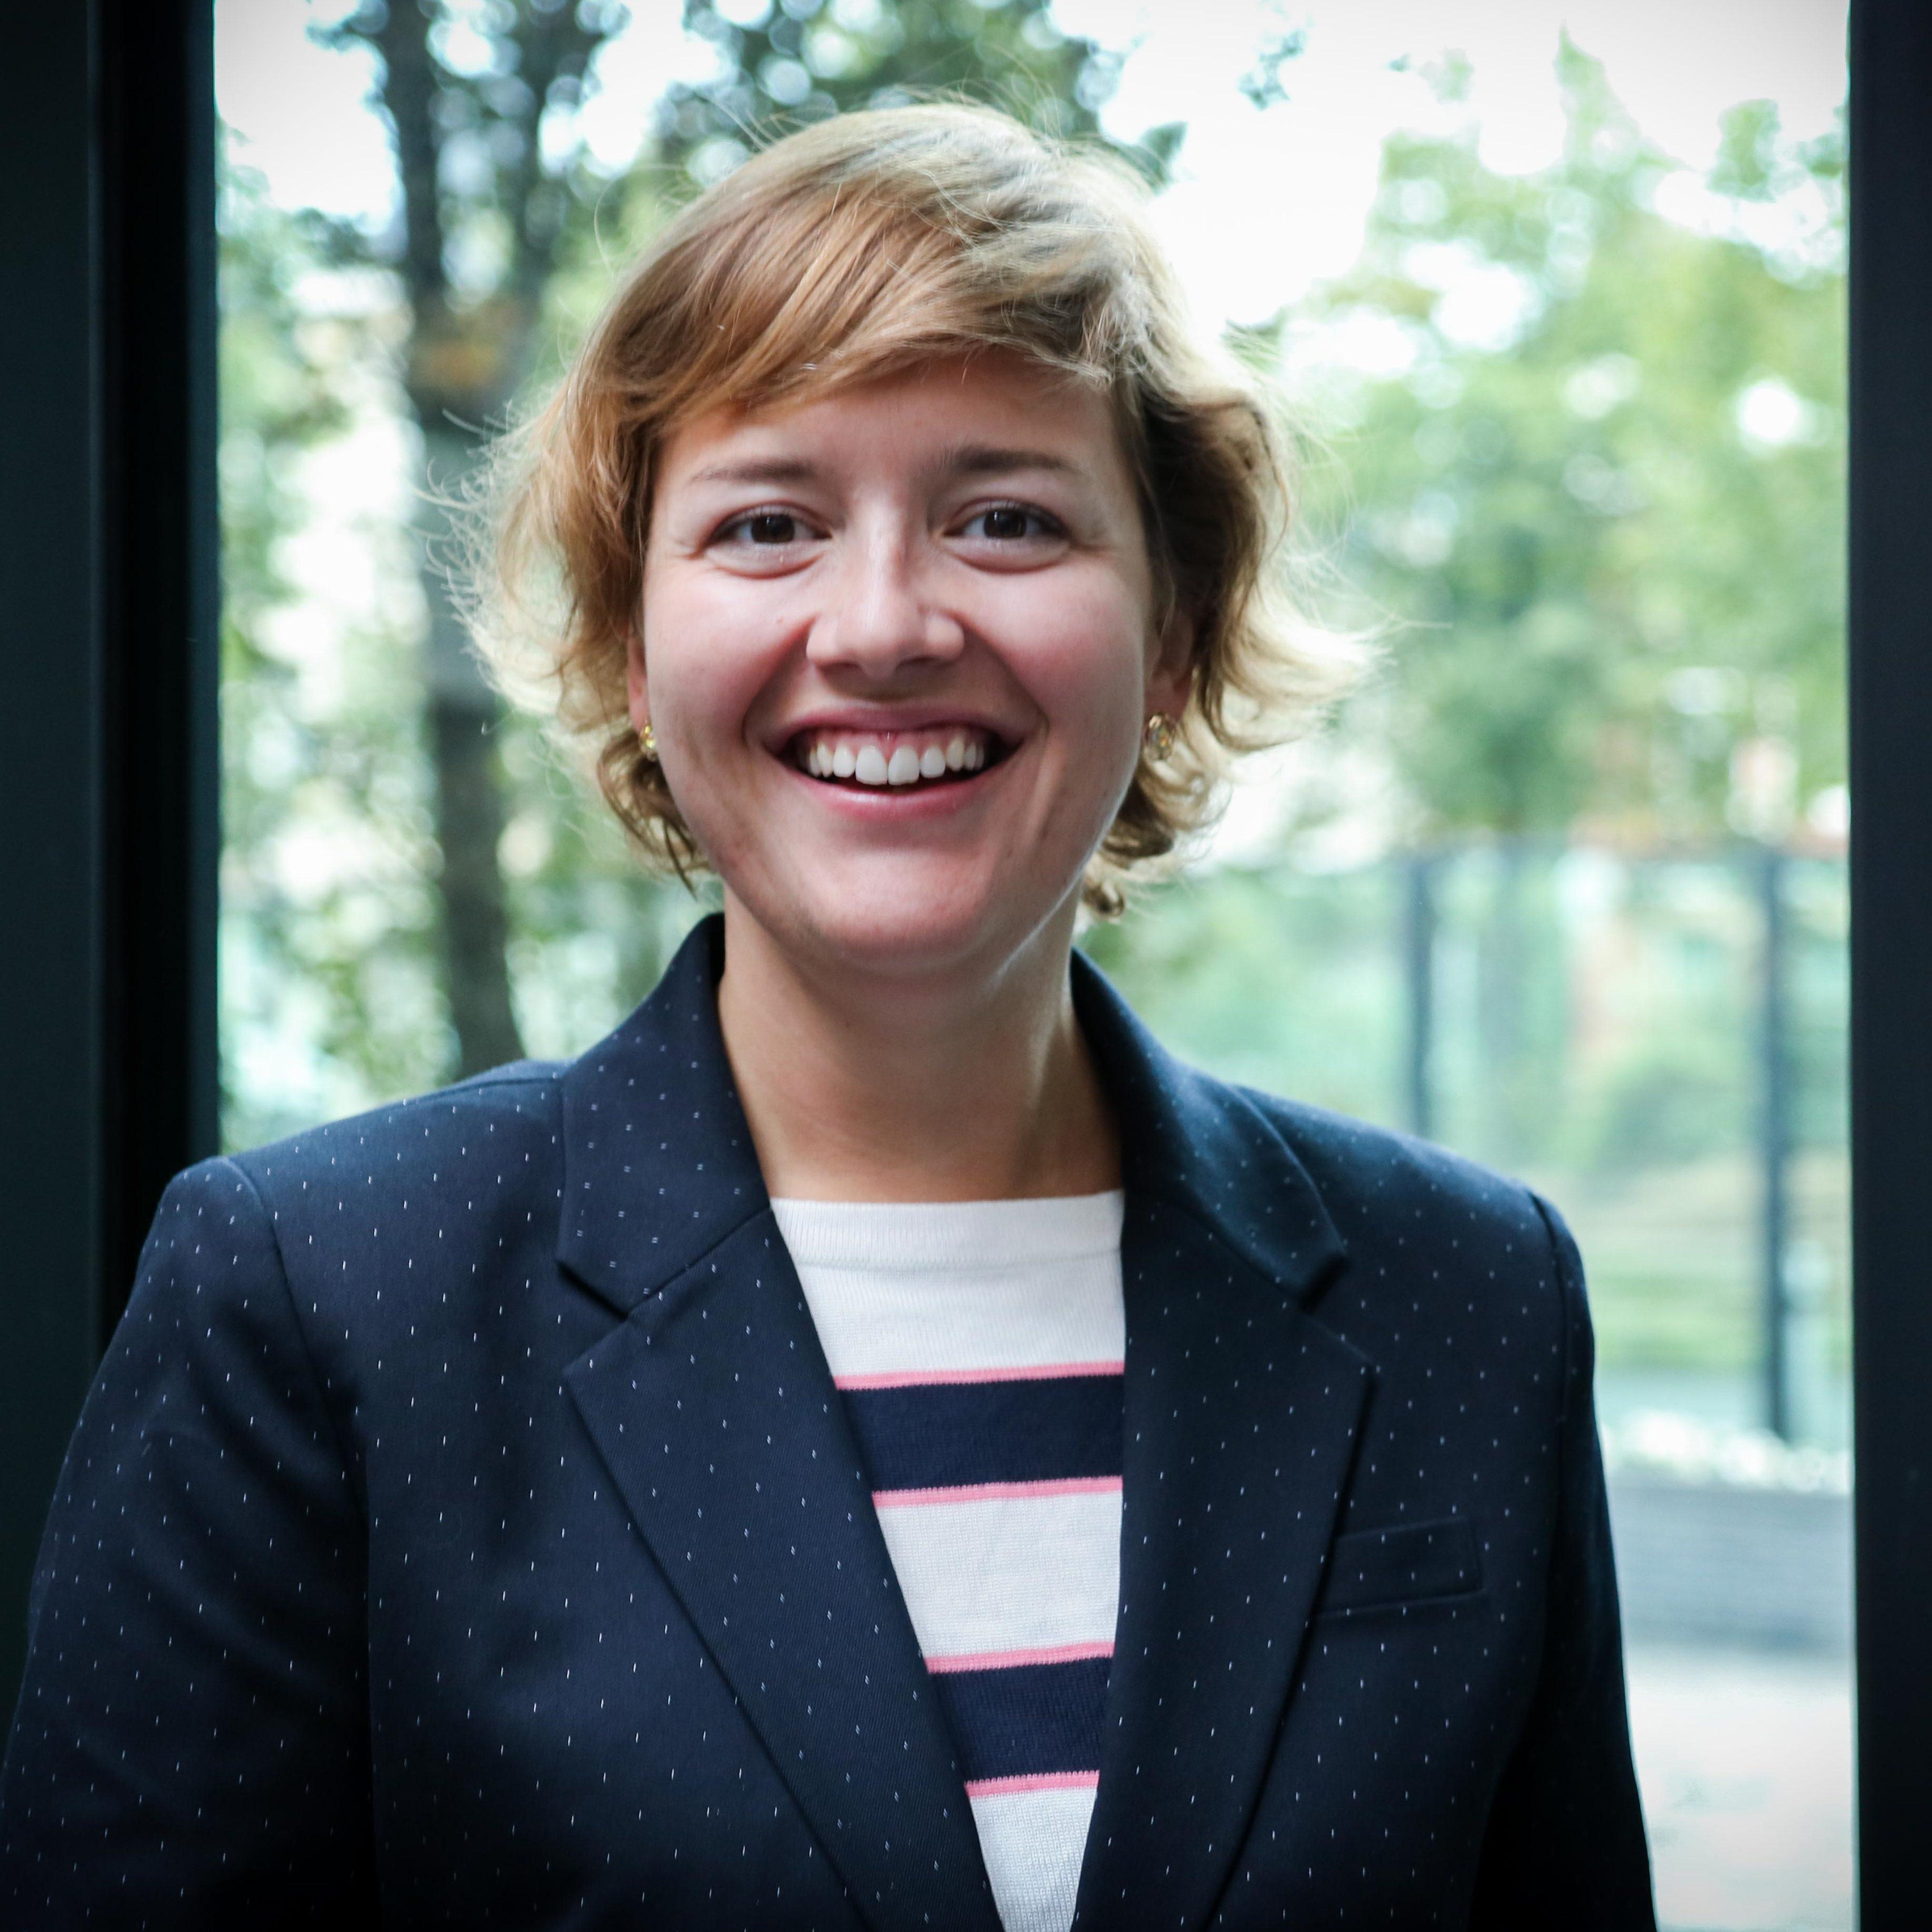 Dr. Nicole S. van der Meulen